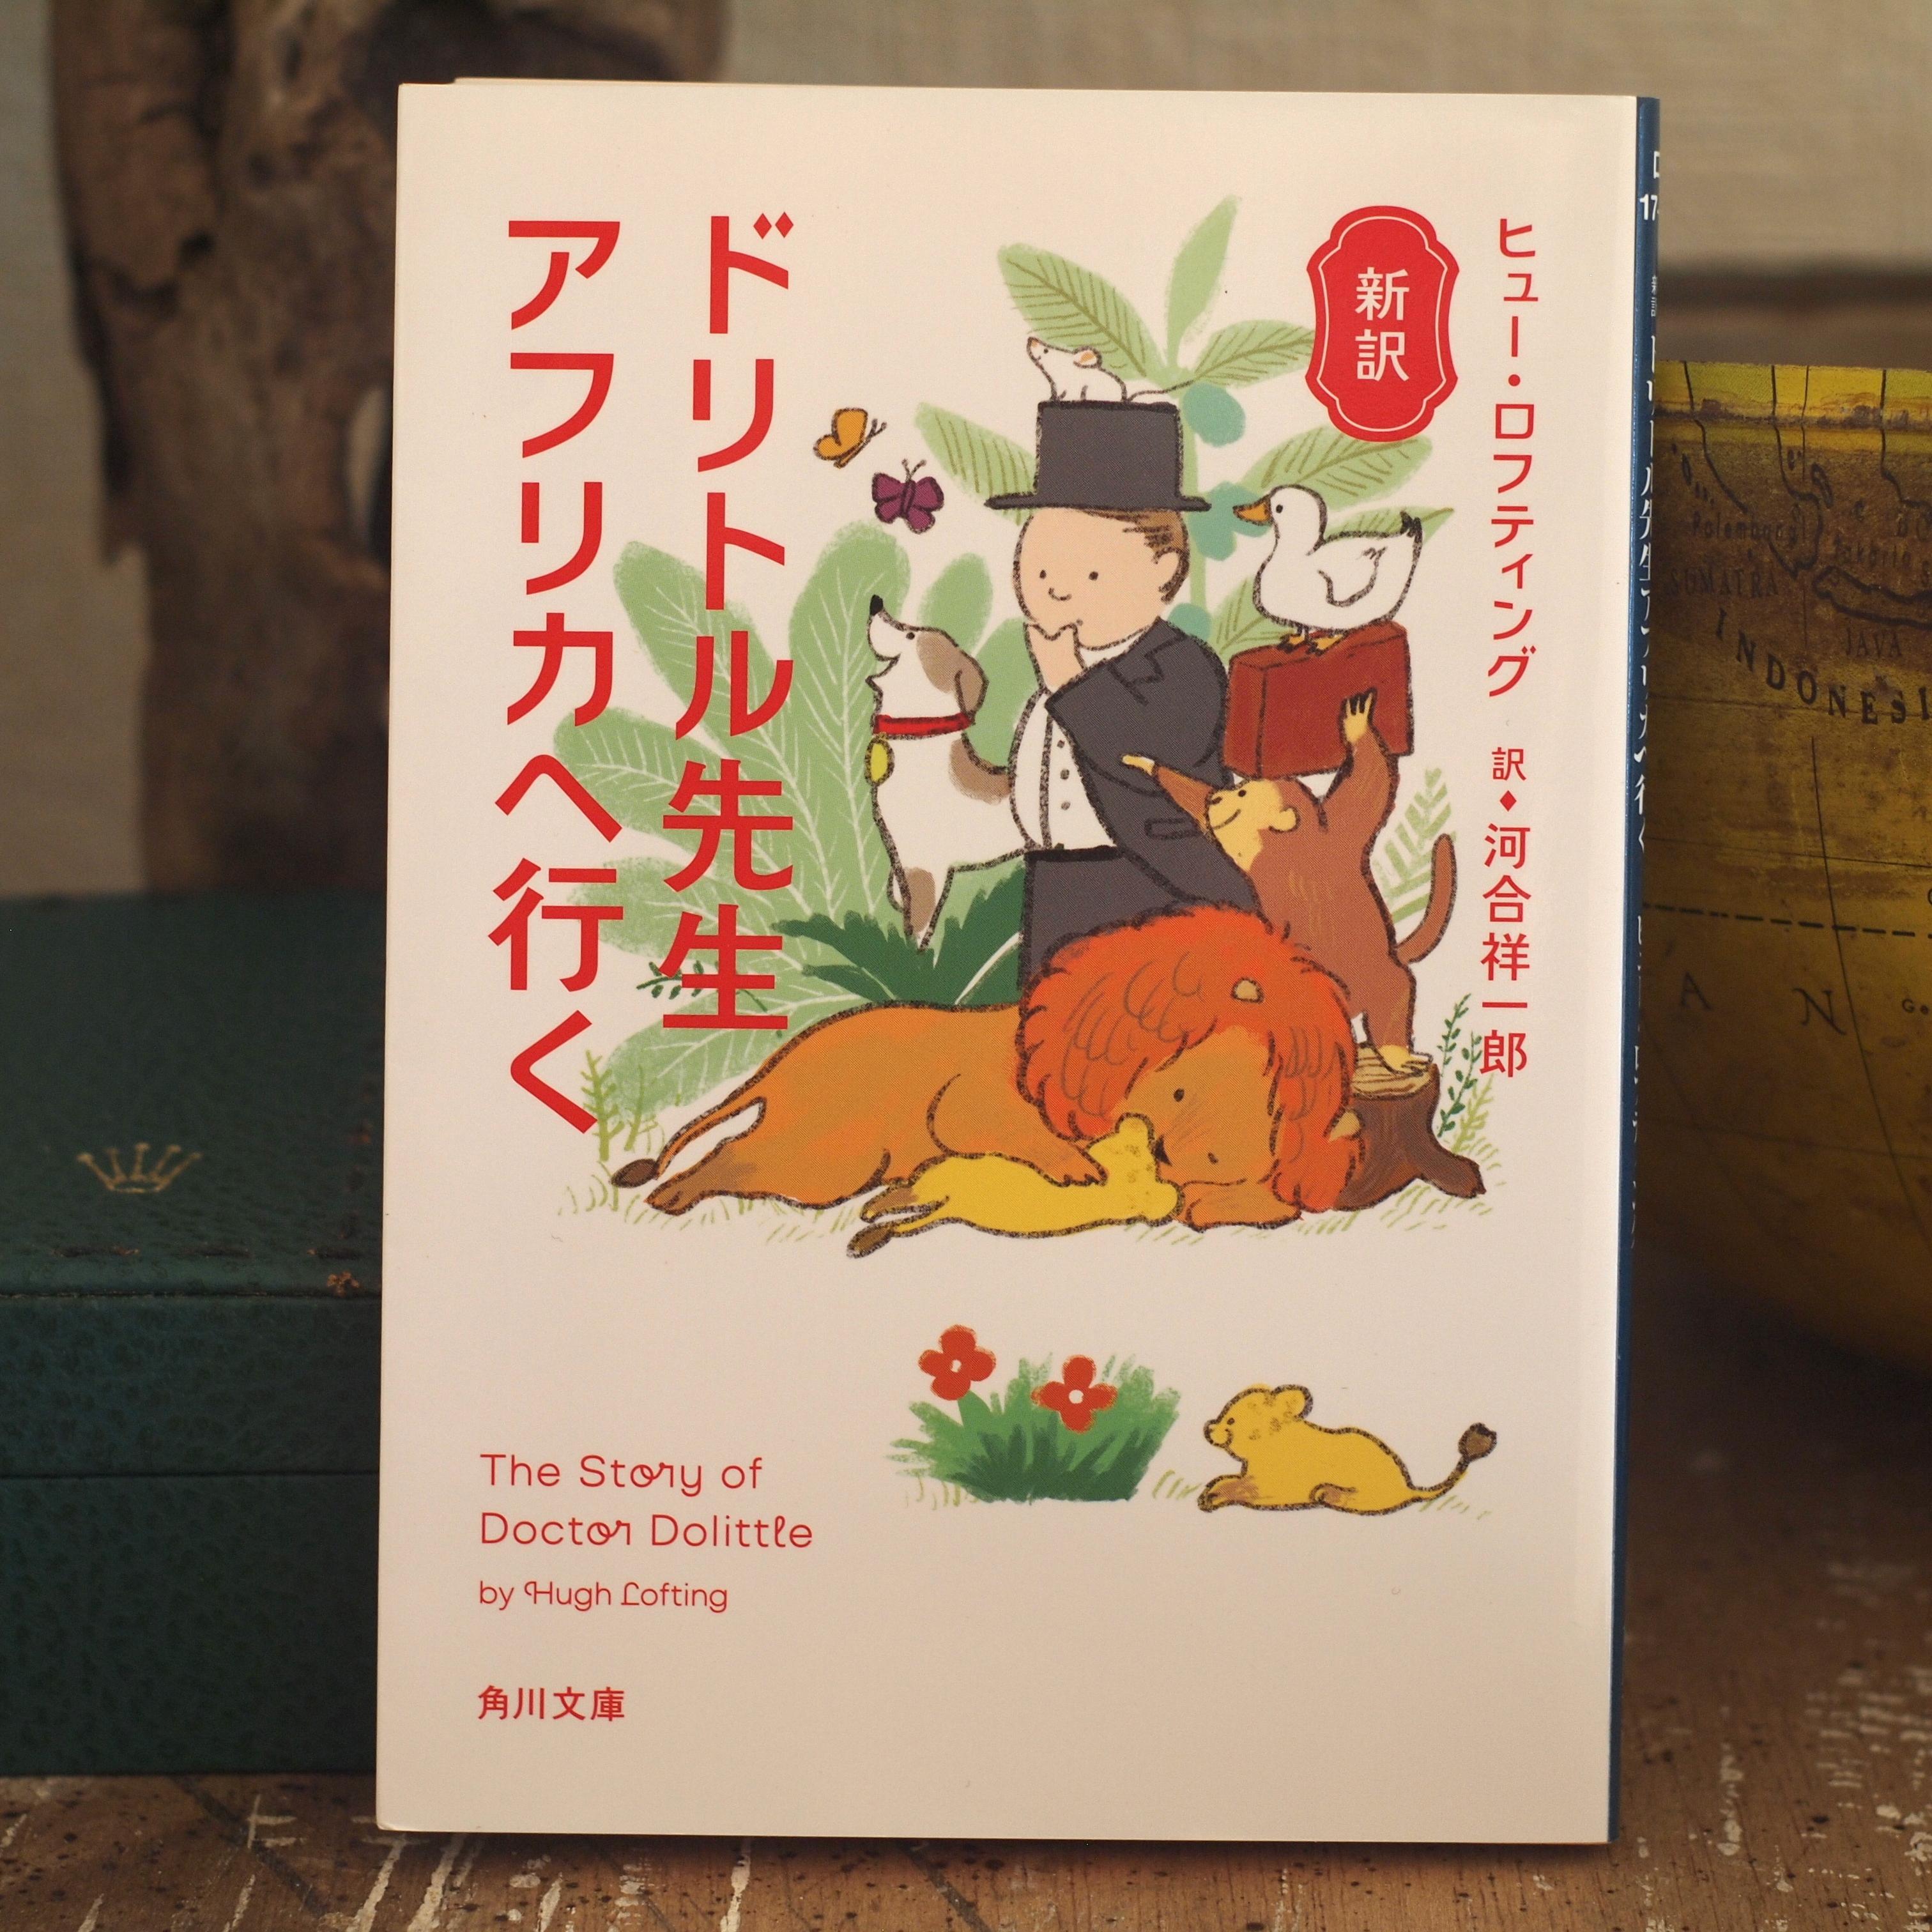 BOOKS YAMAMOTO 本とコーヒーのセット ー『ドリトル先生アフリカへ行く』  ヒュー・ロフティング